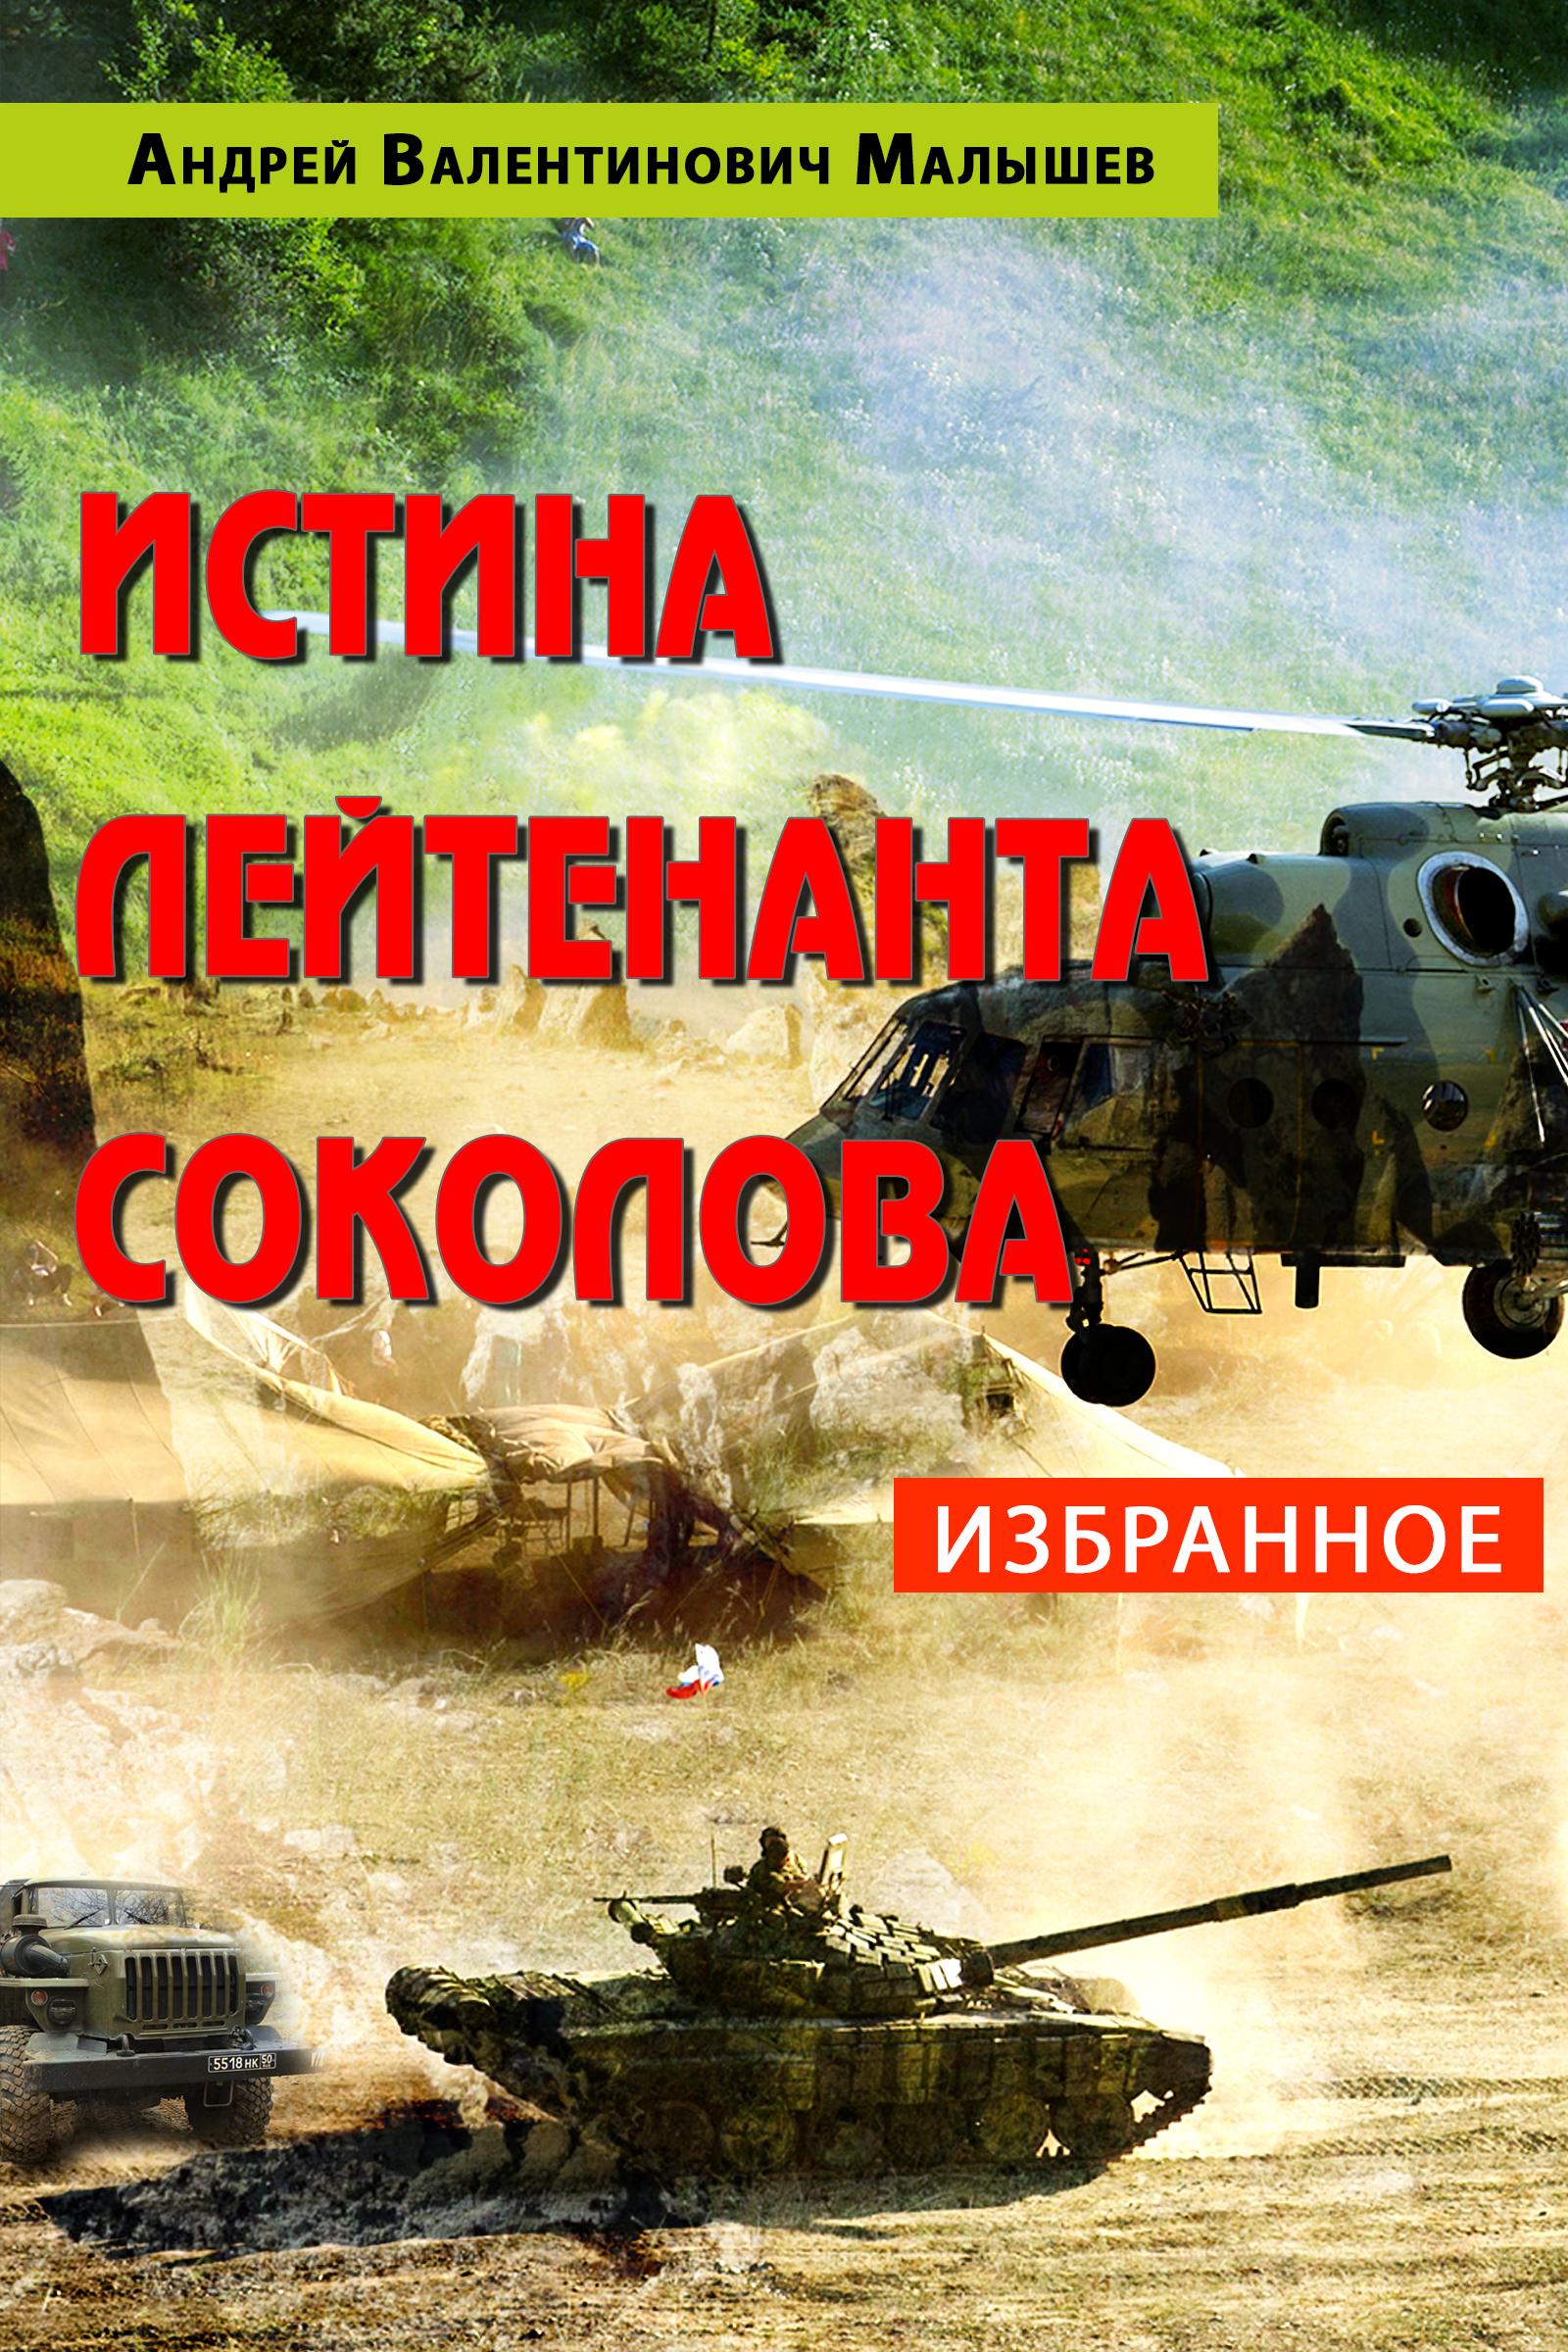 Андрей Малышев «Истина лейтенанта Соколова: Избранное»